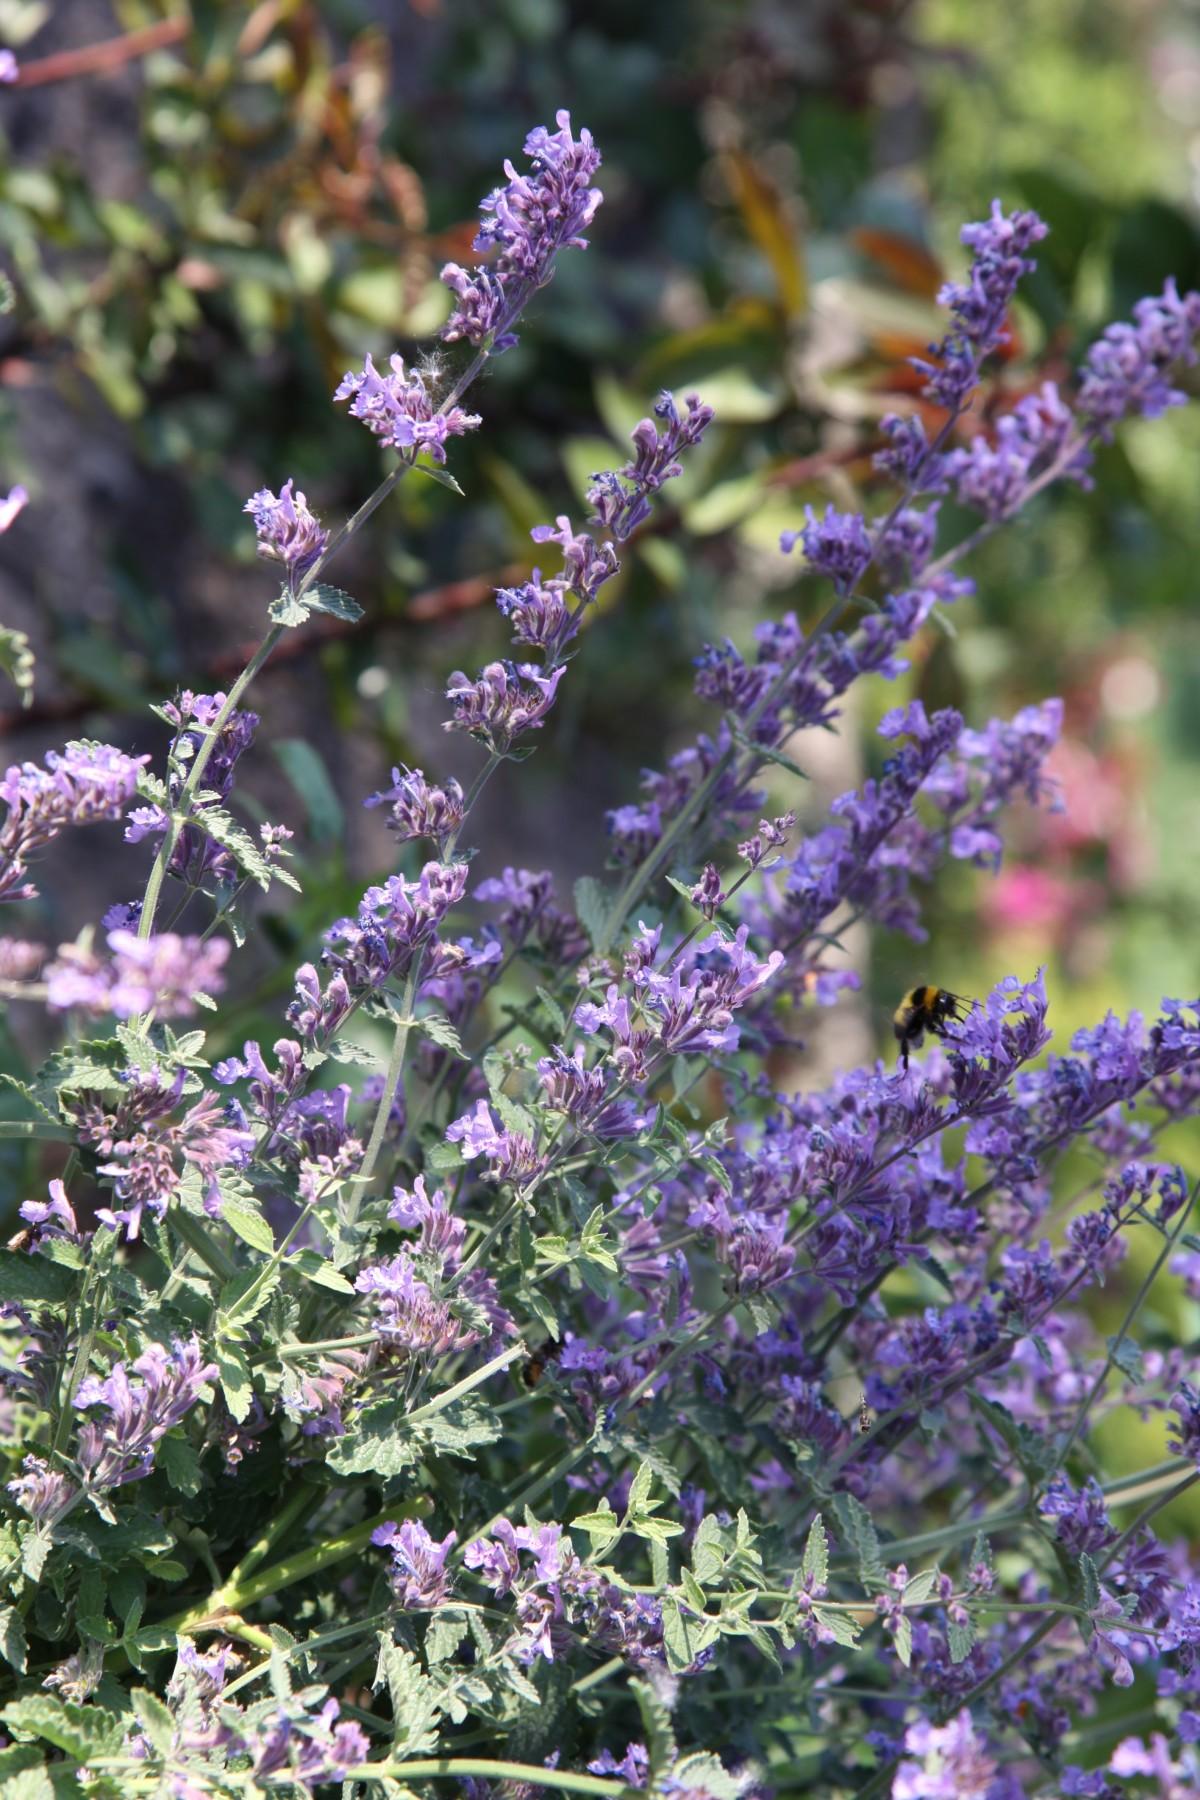 kostenlose foto blume lila kraut lavendel strauch stimmung bl hende pflanze j hrliche. Black Bedroom Furniture Sets. Home Design Ideas